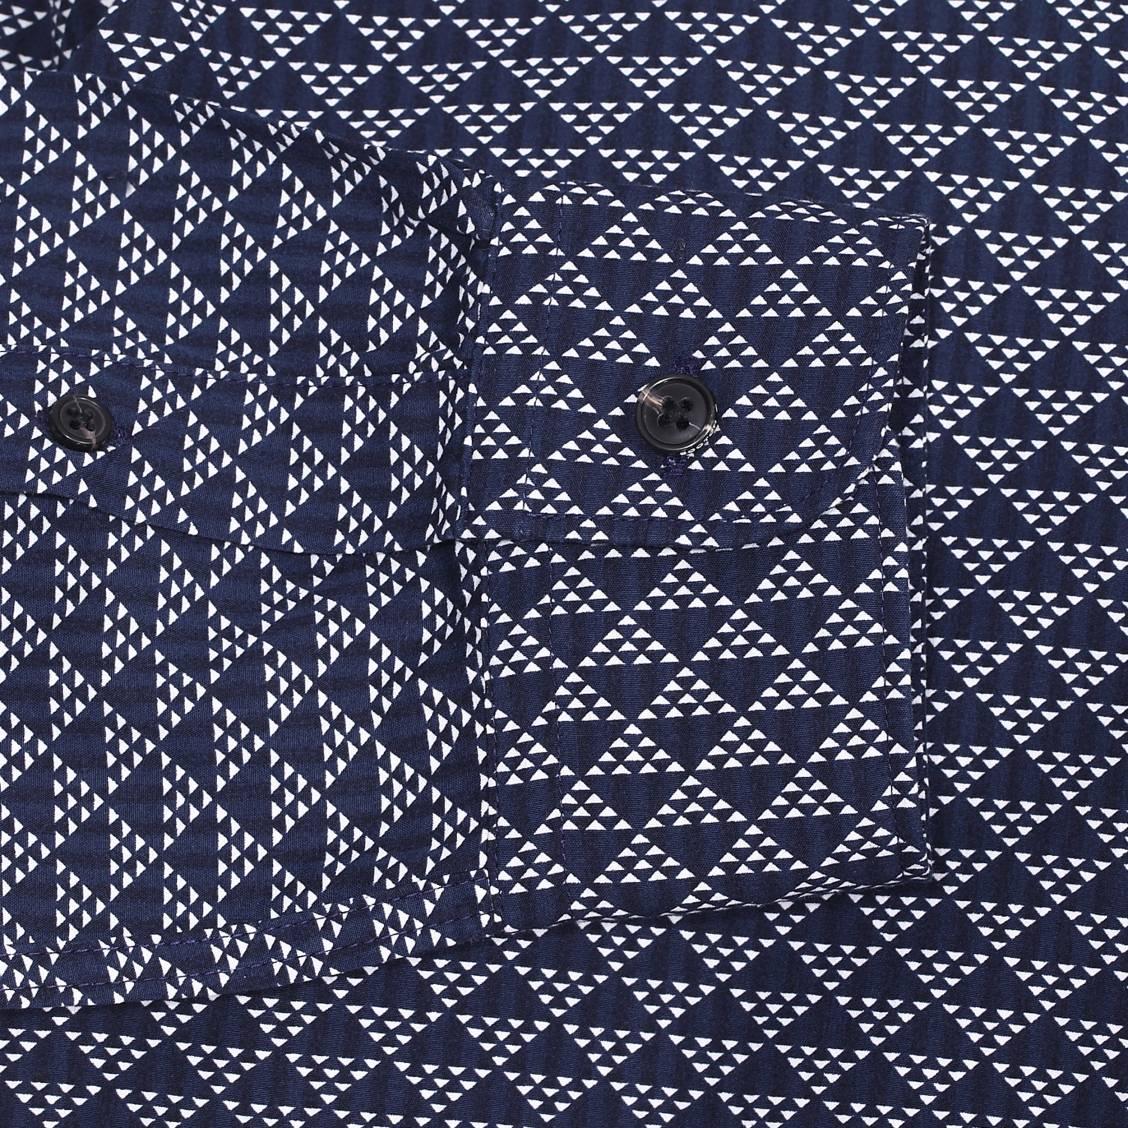 8708451c7de86 Chemise droite Scotch   Soda en coton bleu marine à triangles blancs ...